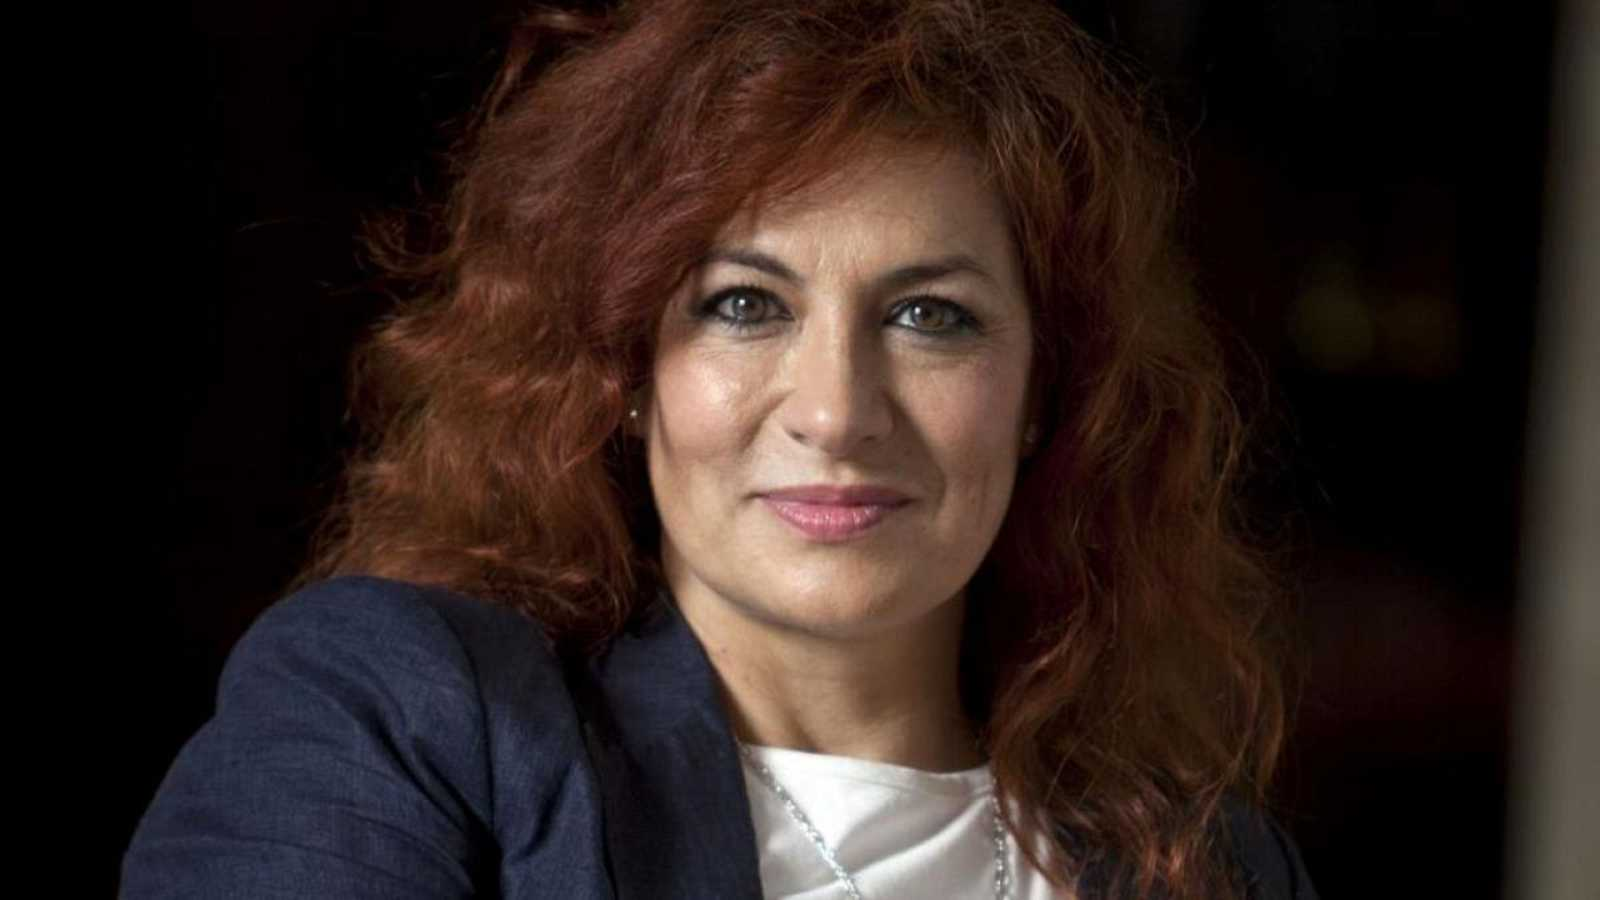 La entrevista de Radio 5 - Pilar Jurado - 27/04/21 - Escuchar ahora